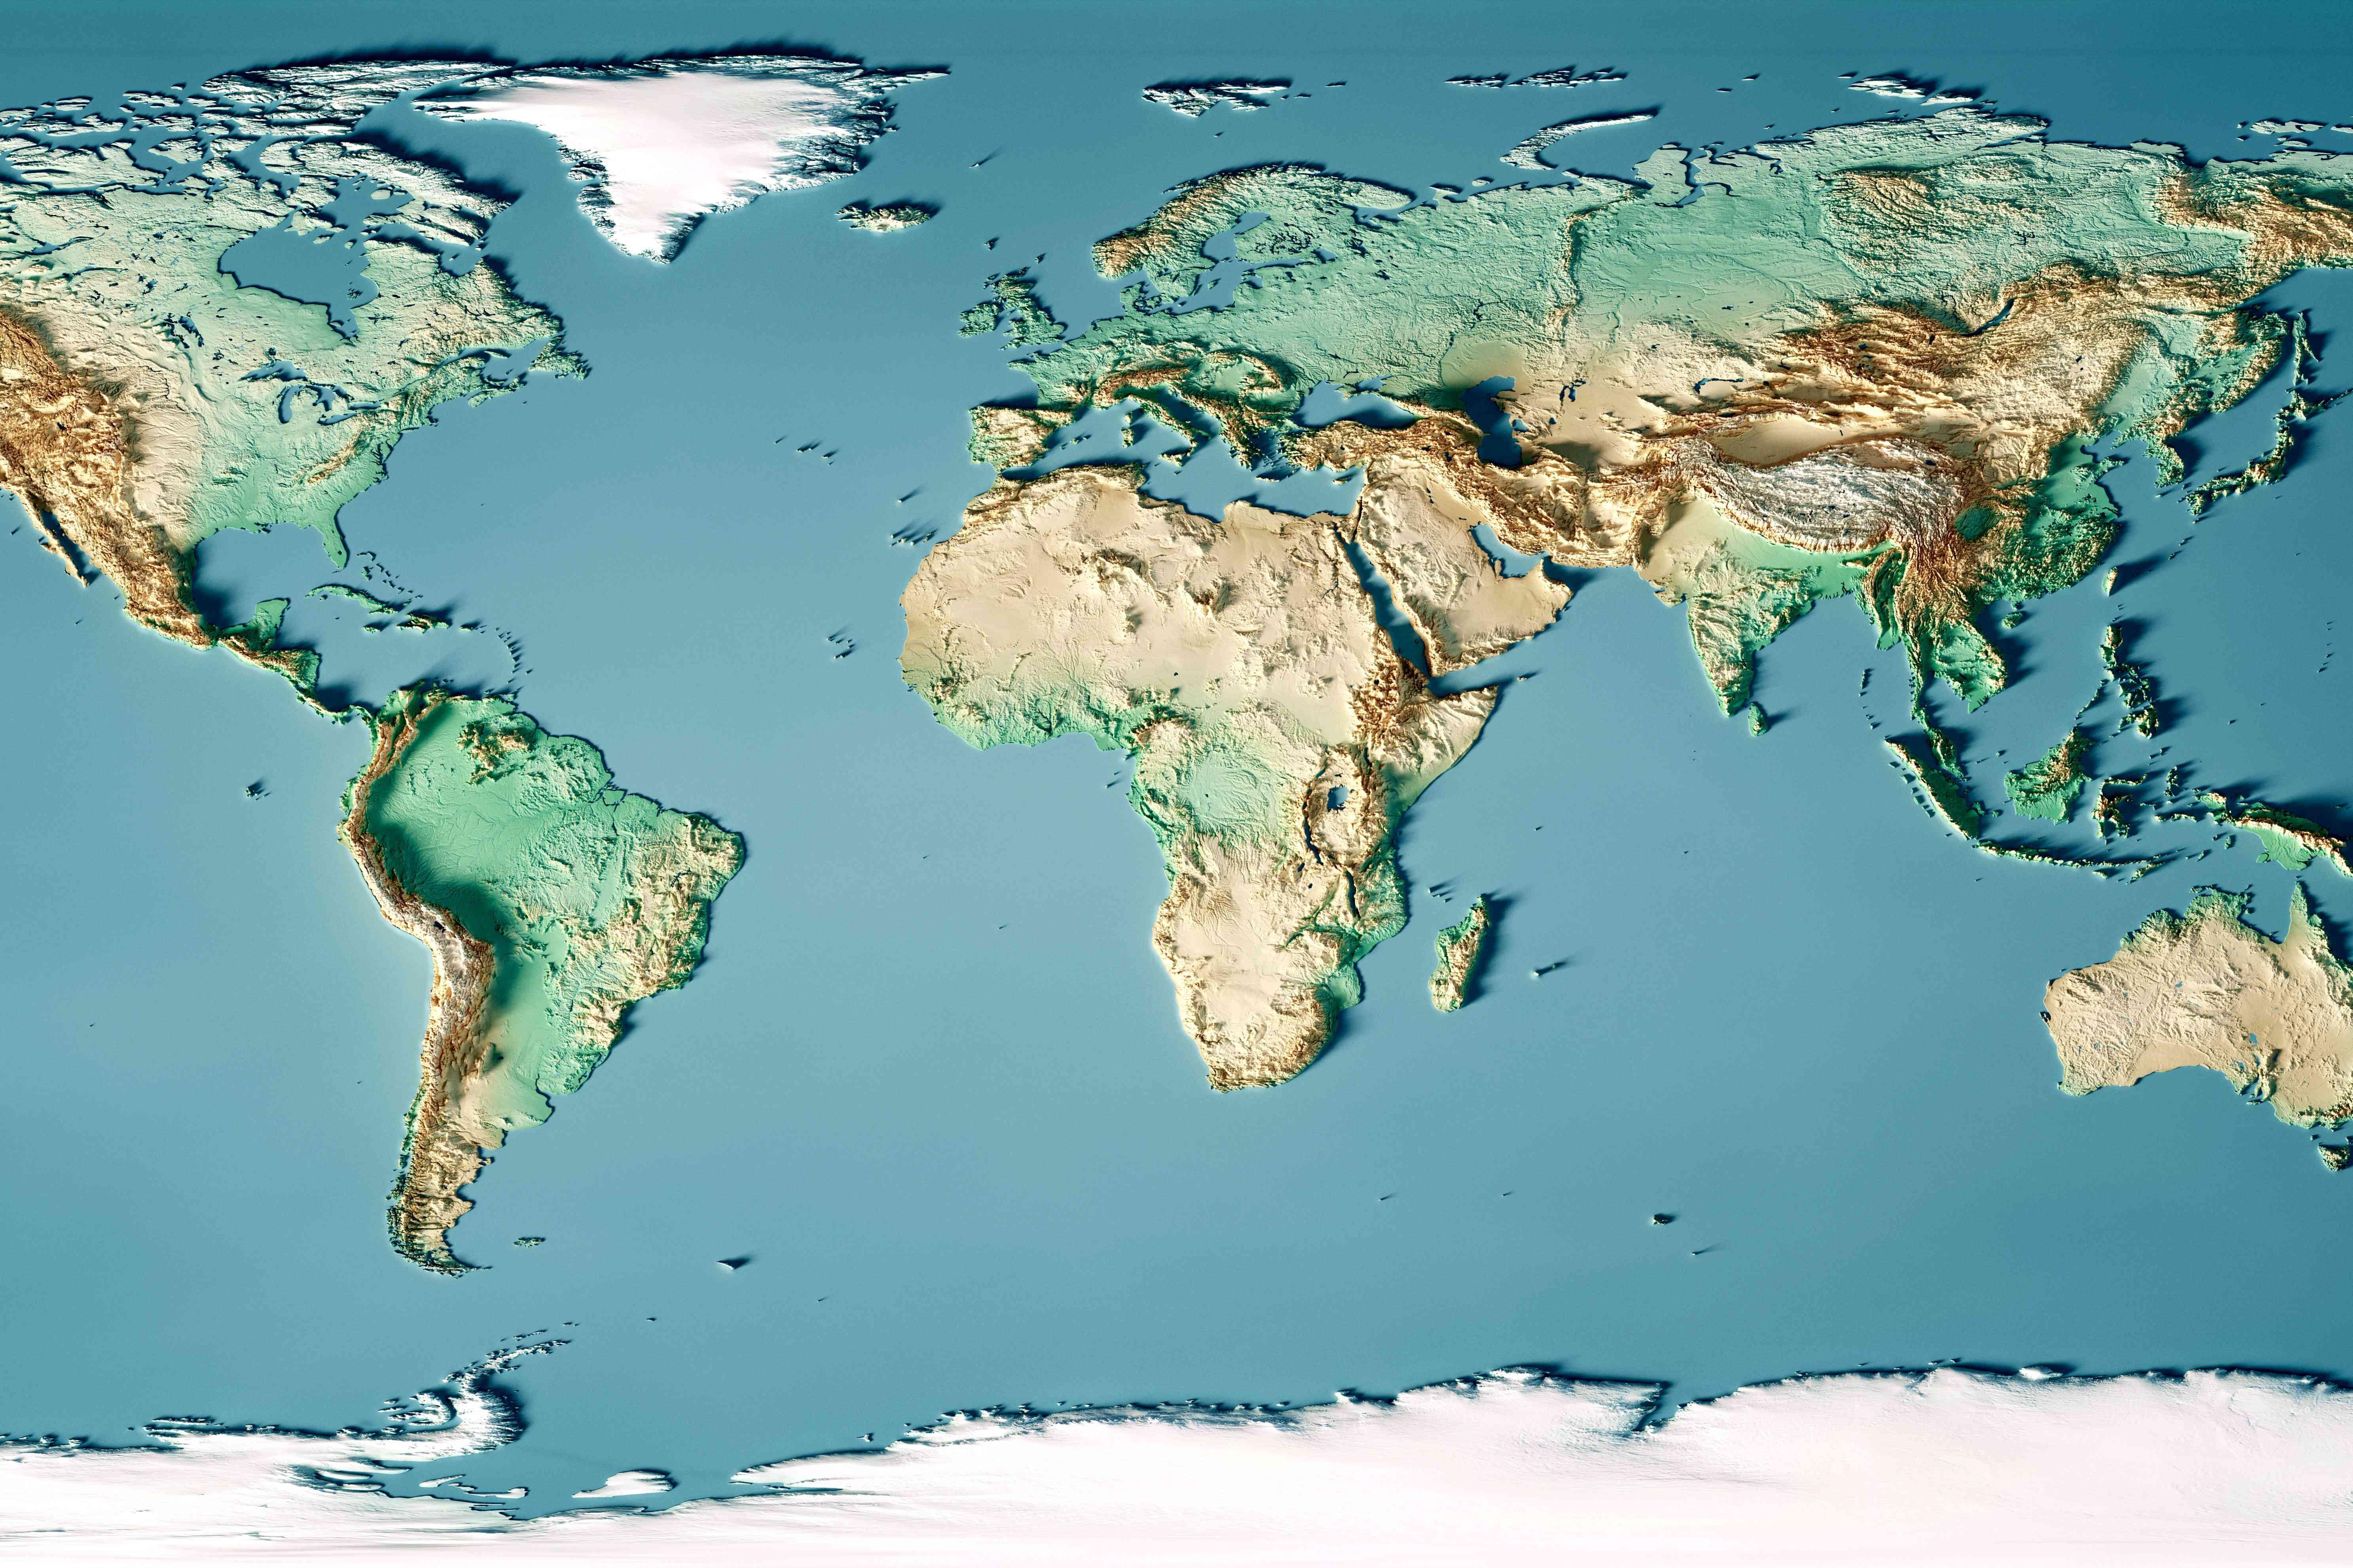 Eine Weltkarte mit verschiedenen geografischen Merkmalen wie Biomes, Landmassen und Gebirgshöhen